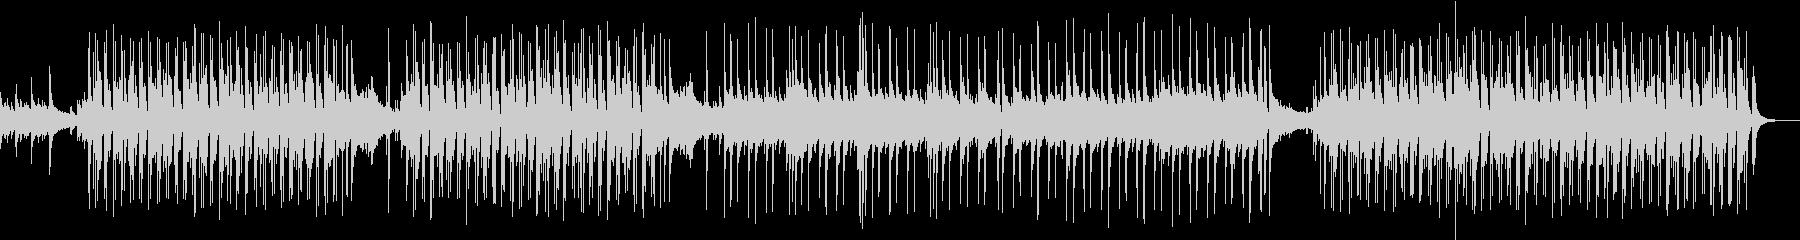 軽快なリズムと優しいフルートのボサノバの未再生の波形